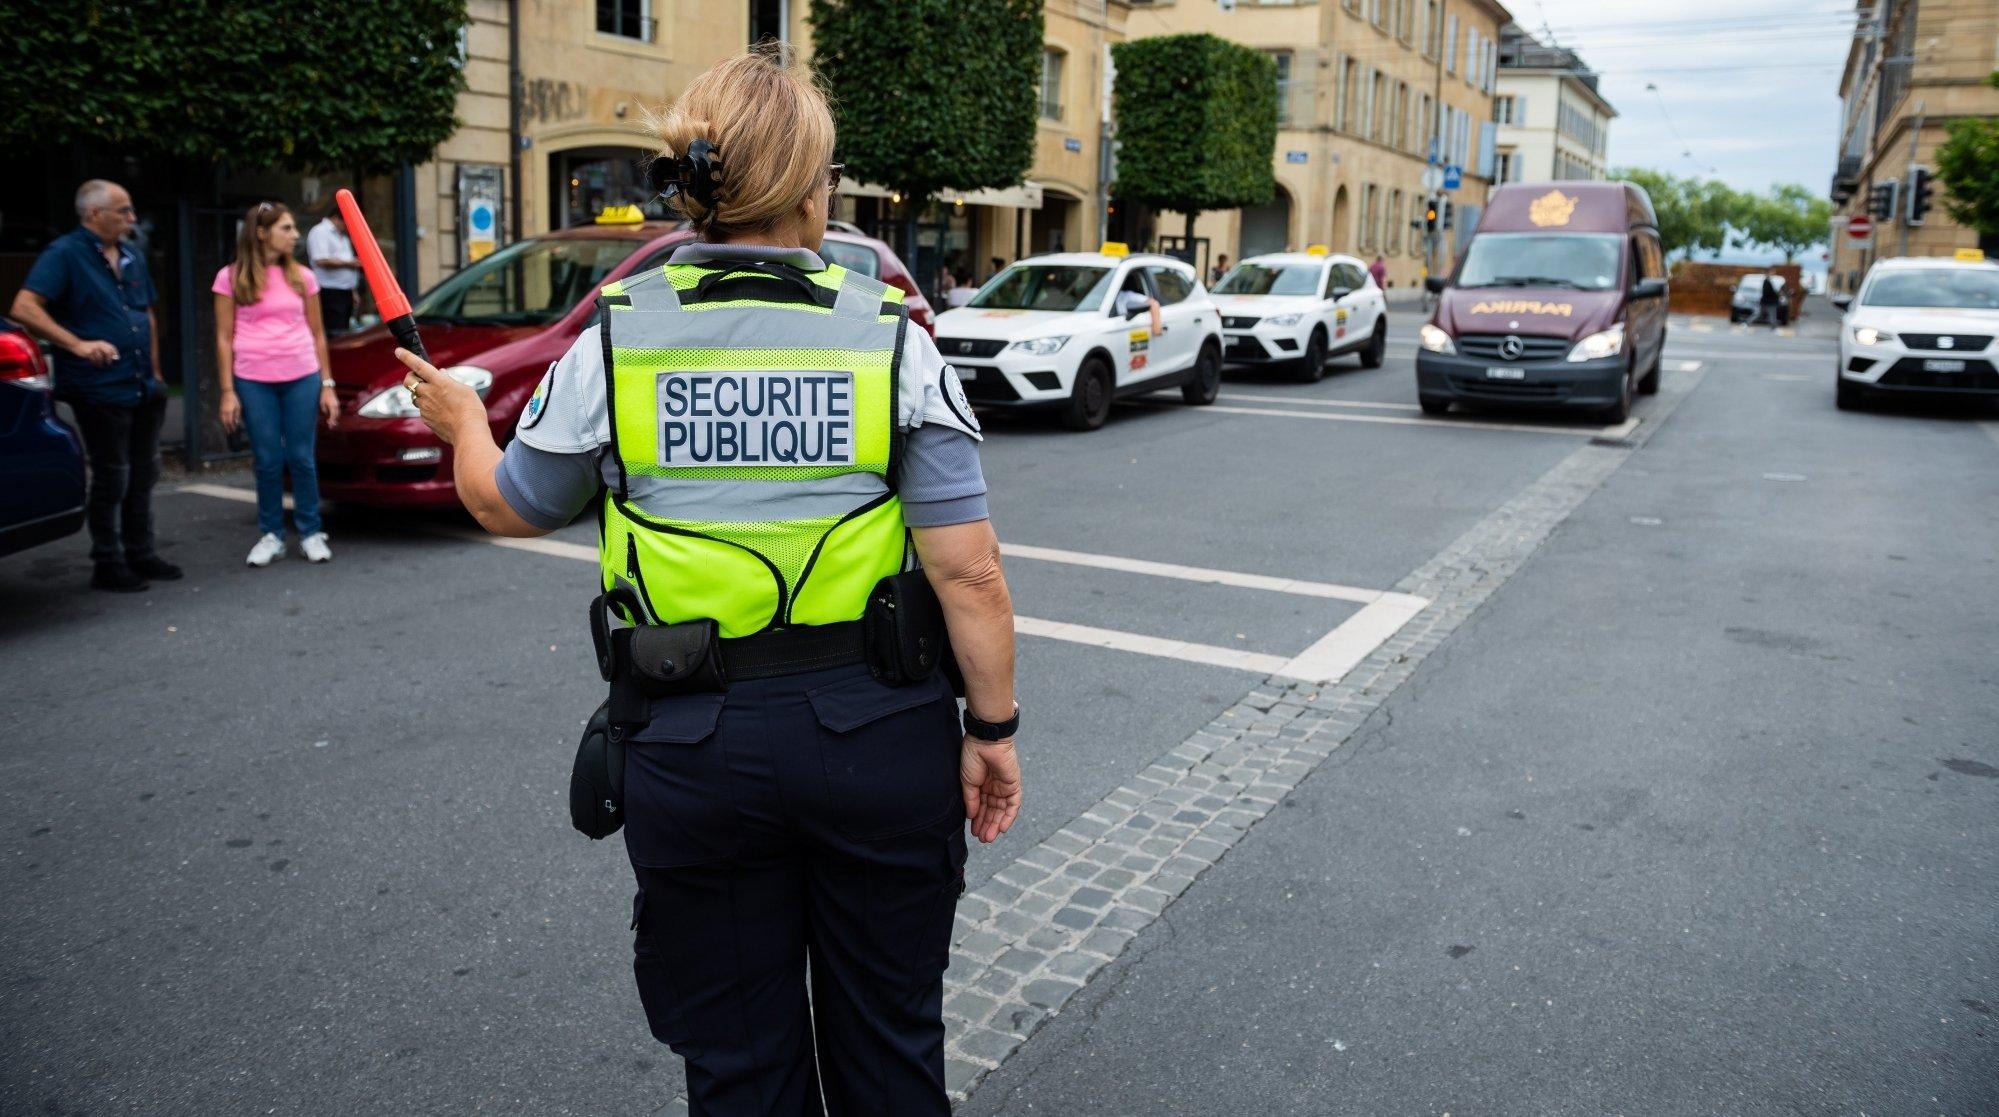 Canton de Neuchâtel: très légère baisse des excès de vitesse lors de la rentrée scolaire